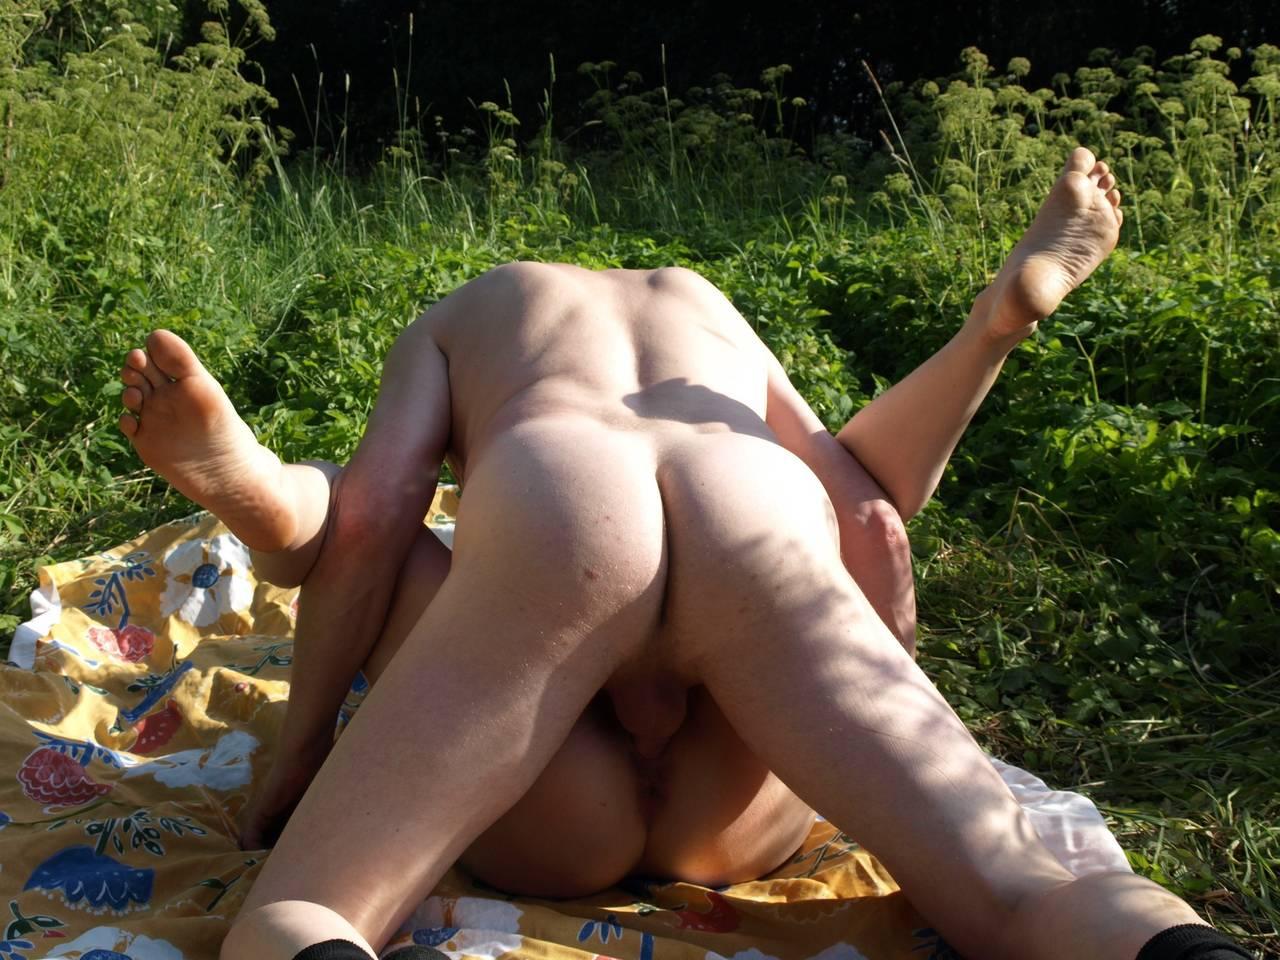 porno-s-russkoy-zhenoy-na-prirode-samie-bolshie-siski